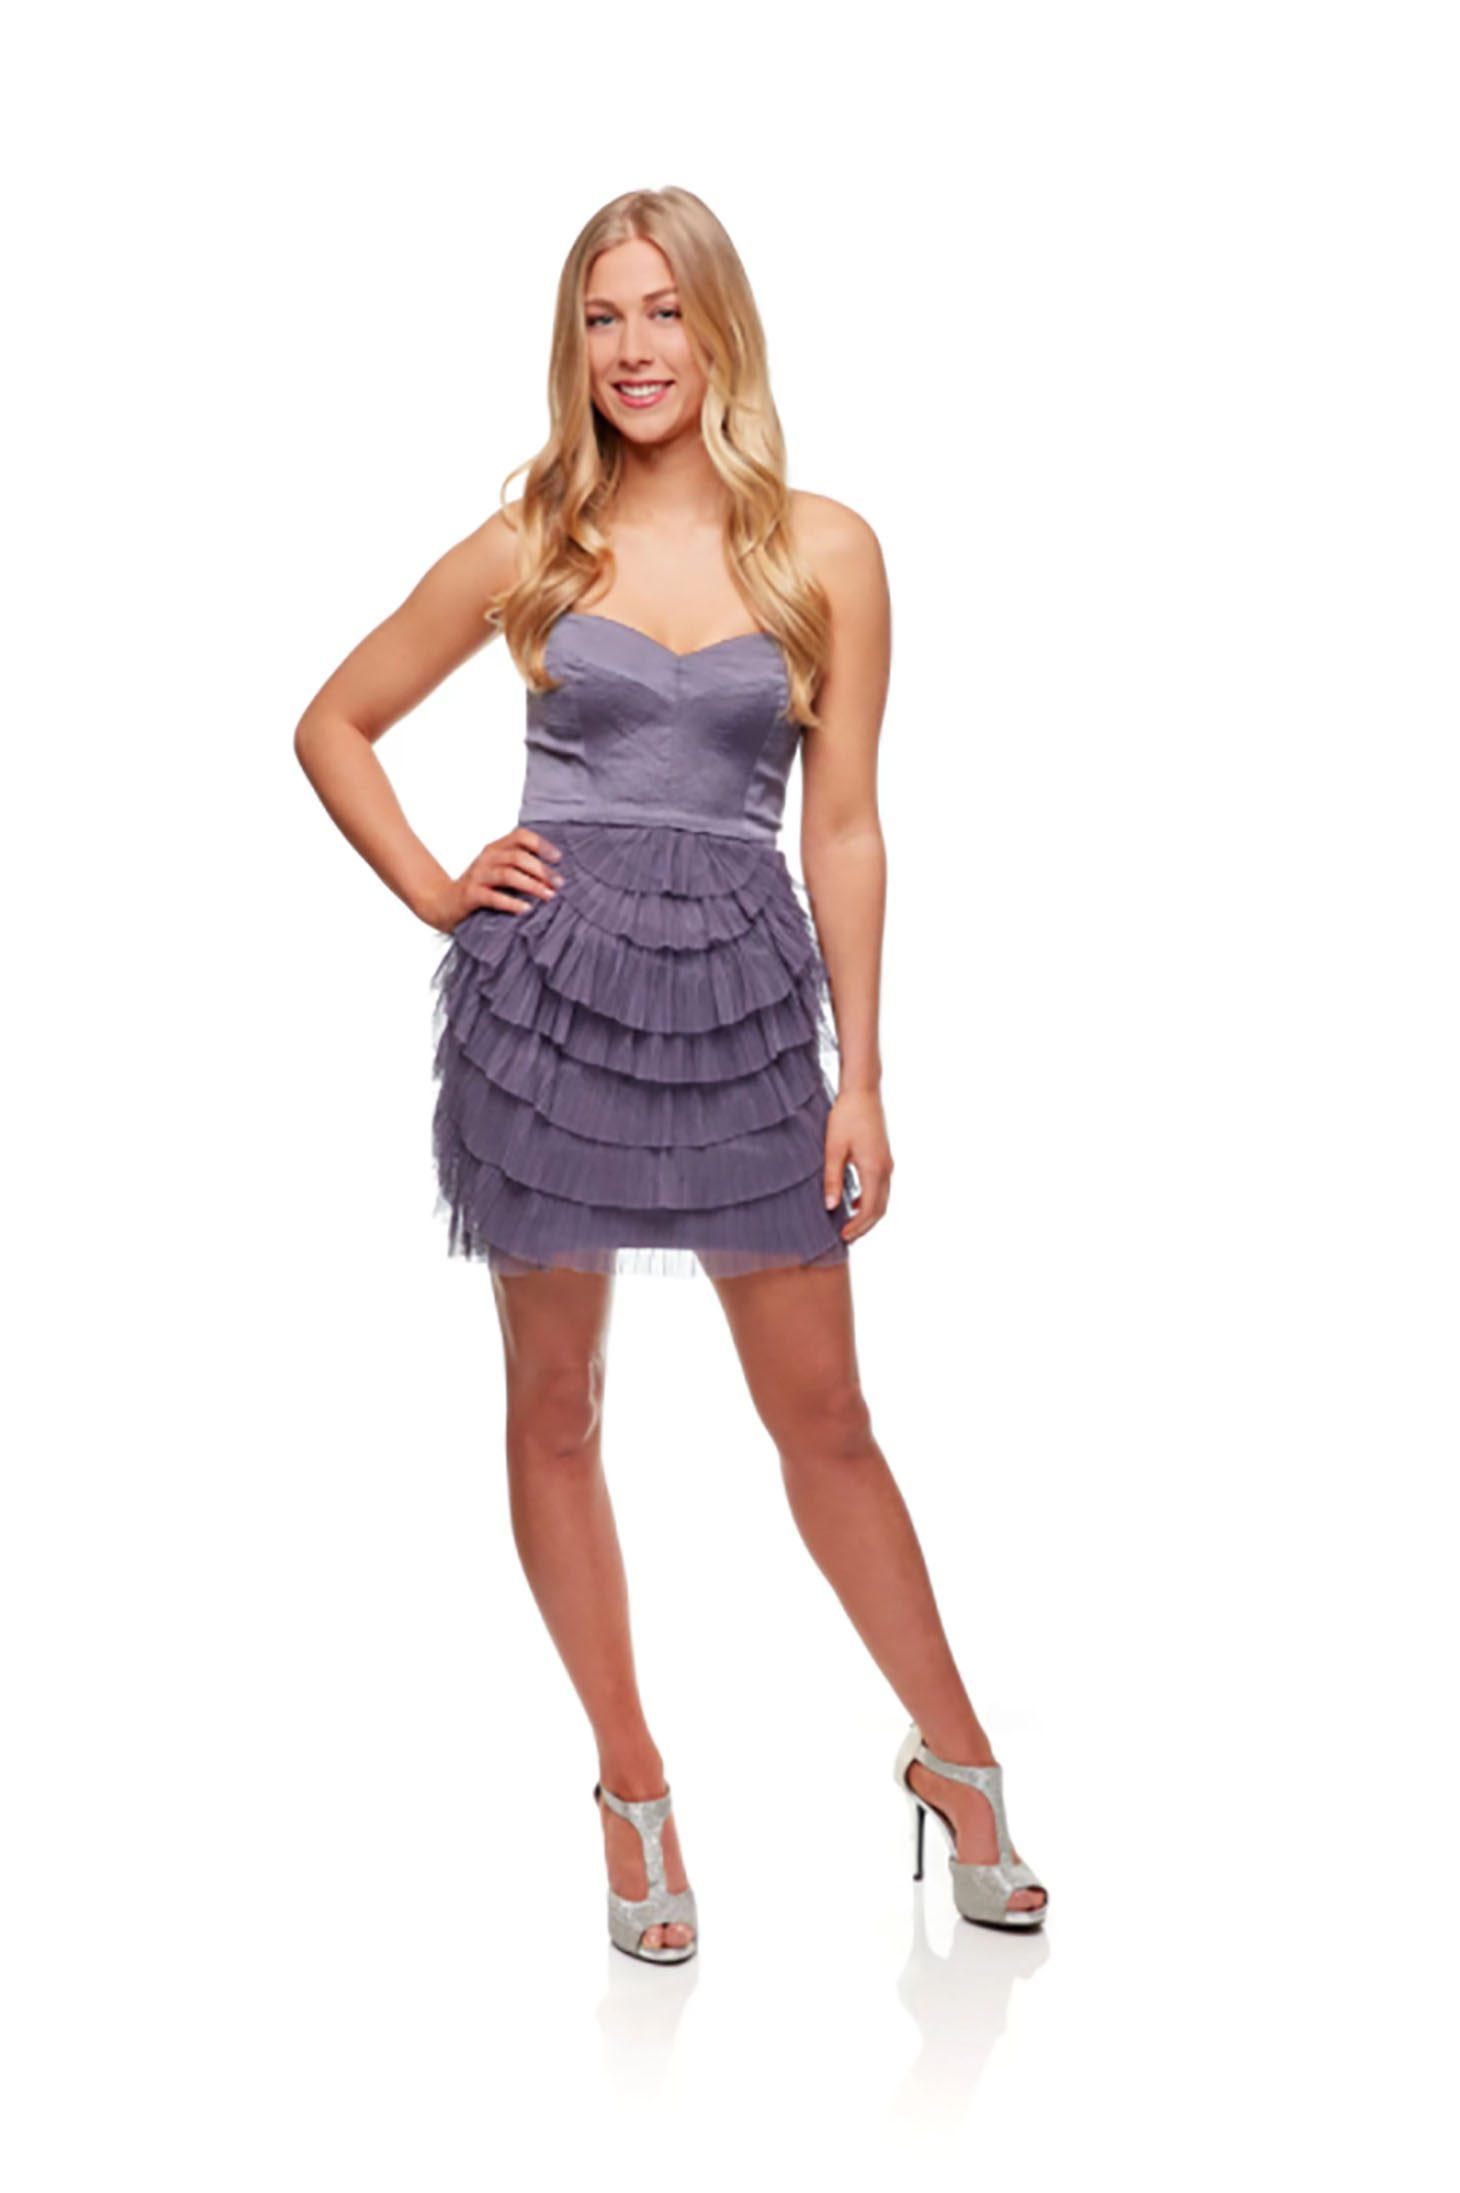 Jillian Harris Bachelor Recap Canada Recap